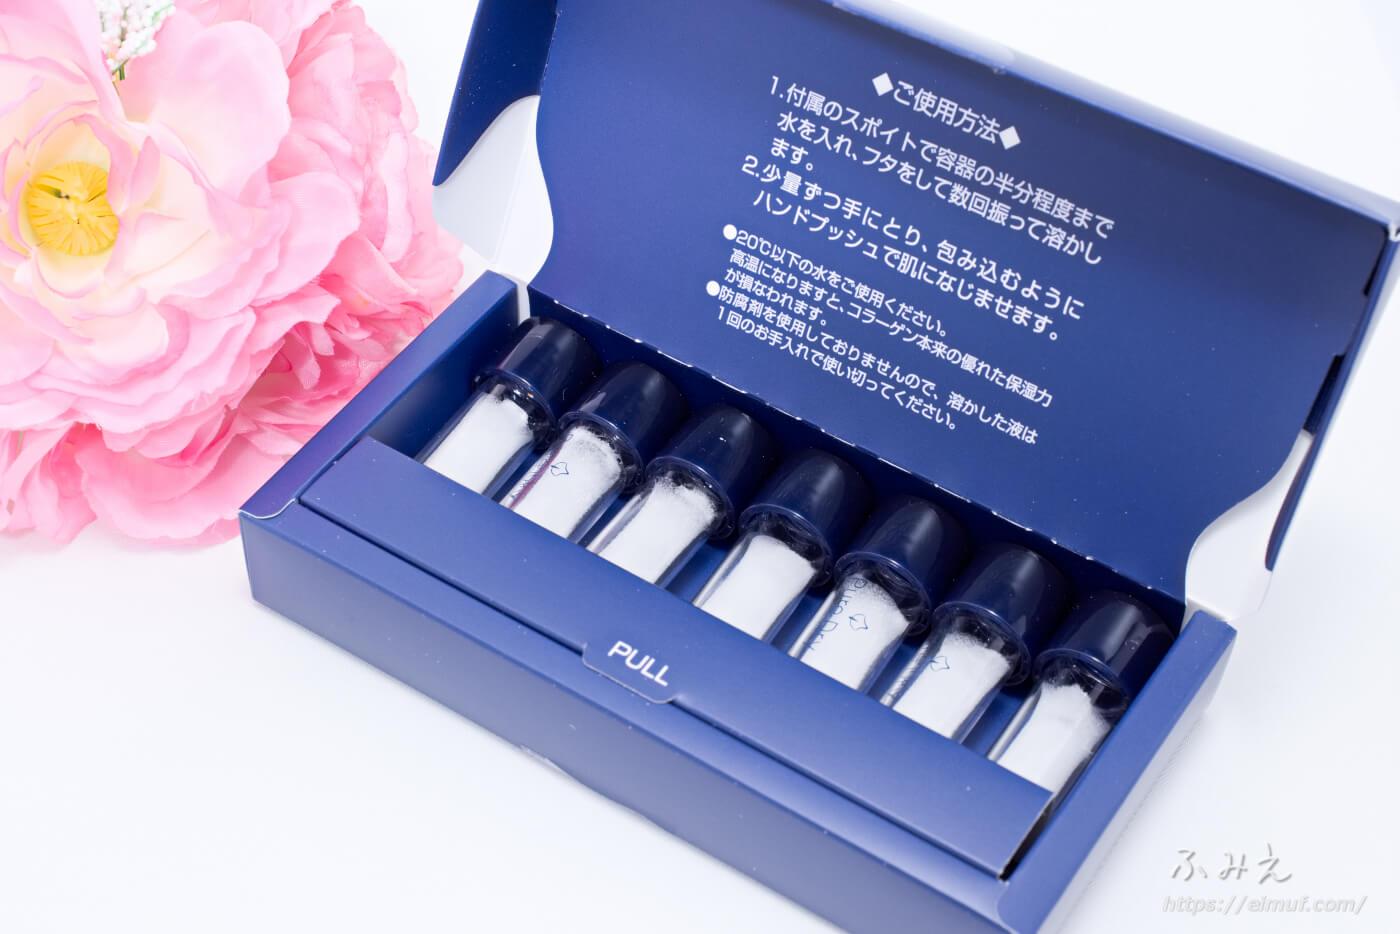 ニッタバイオラボ ピュアドライ(乾燥美容原液) 7個入りパッケージを開けてみた